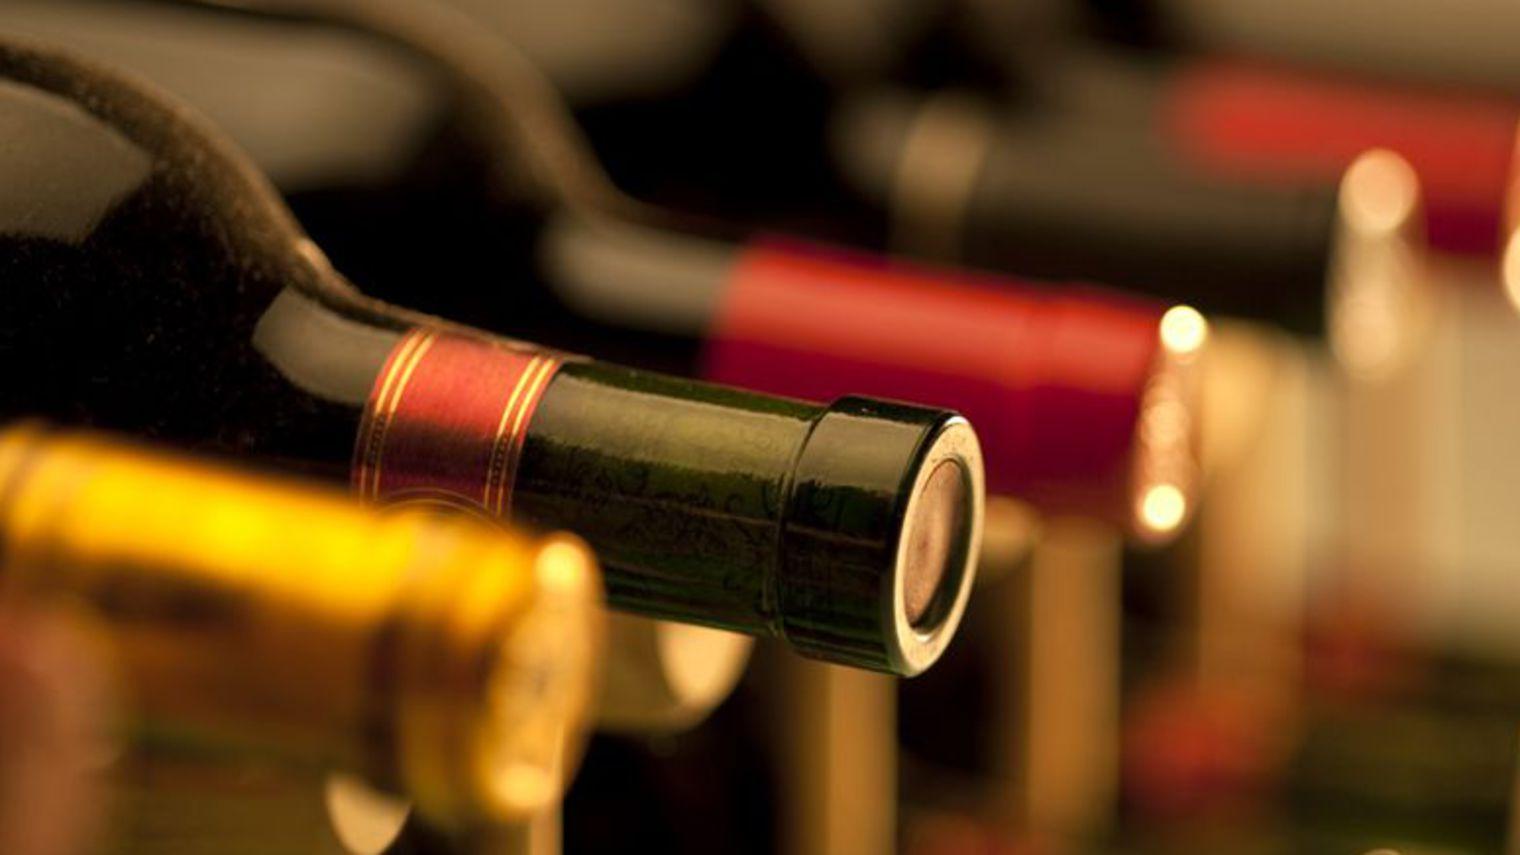 Achat vin, la bonne méthode pour économiser au max